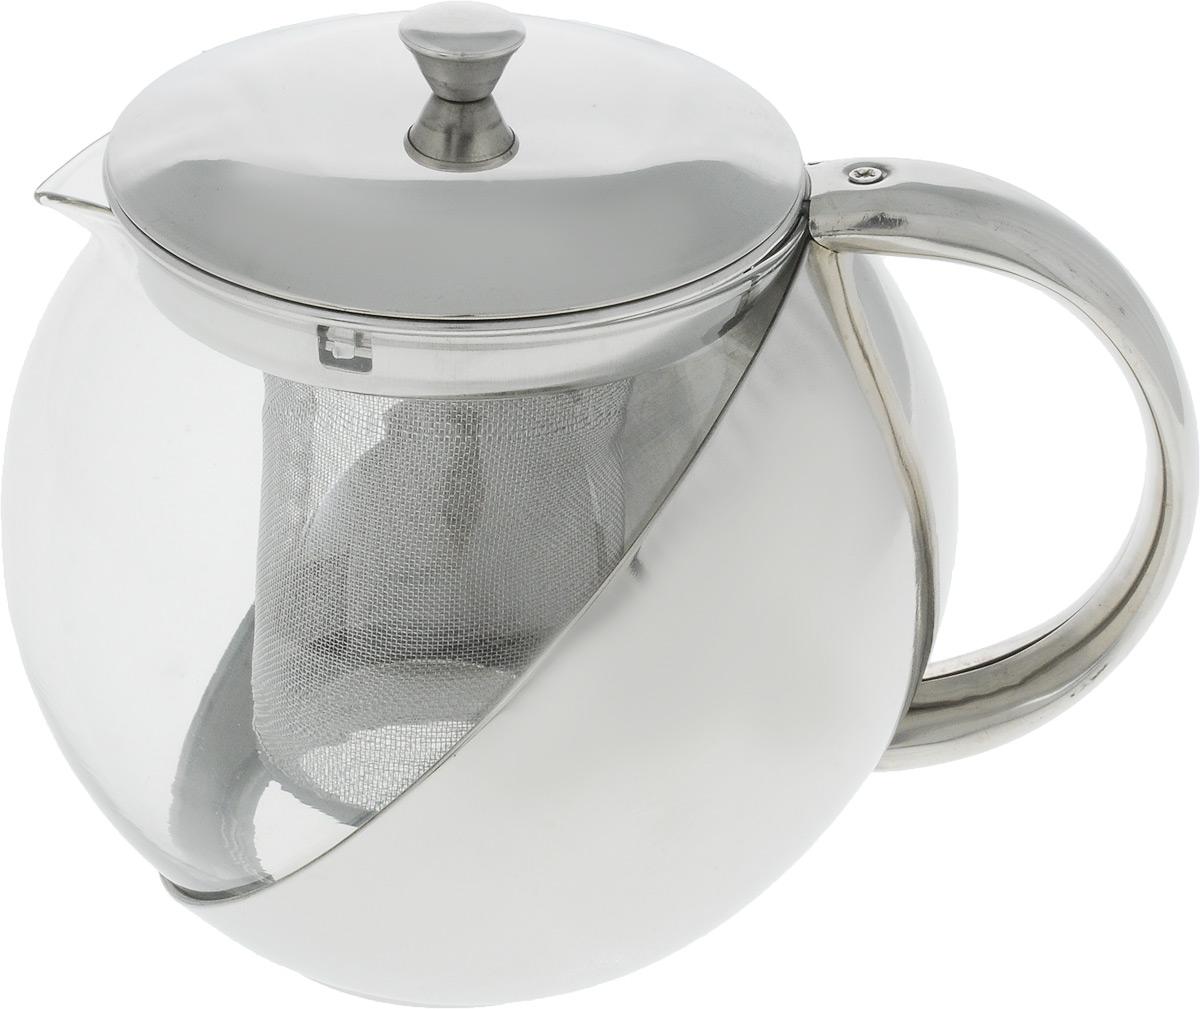 Чайник заварочный Wellberg, 1 л. 6876 WBFS-91909Заварочный чайник Wellberg WB-6870 из стекла и нержавеющей стали прекрасно подойдет для кухни в стиле Hi-tech. Объем чайника составляет 1 литр, что вполне хватит для заваривания 4-5 чашек ароматного черного или травяного чая. Заварочный чайник оснащен качественным фильтром, эргономичной ручкой, удобный крышкой цвета металлик.